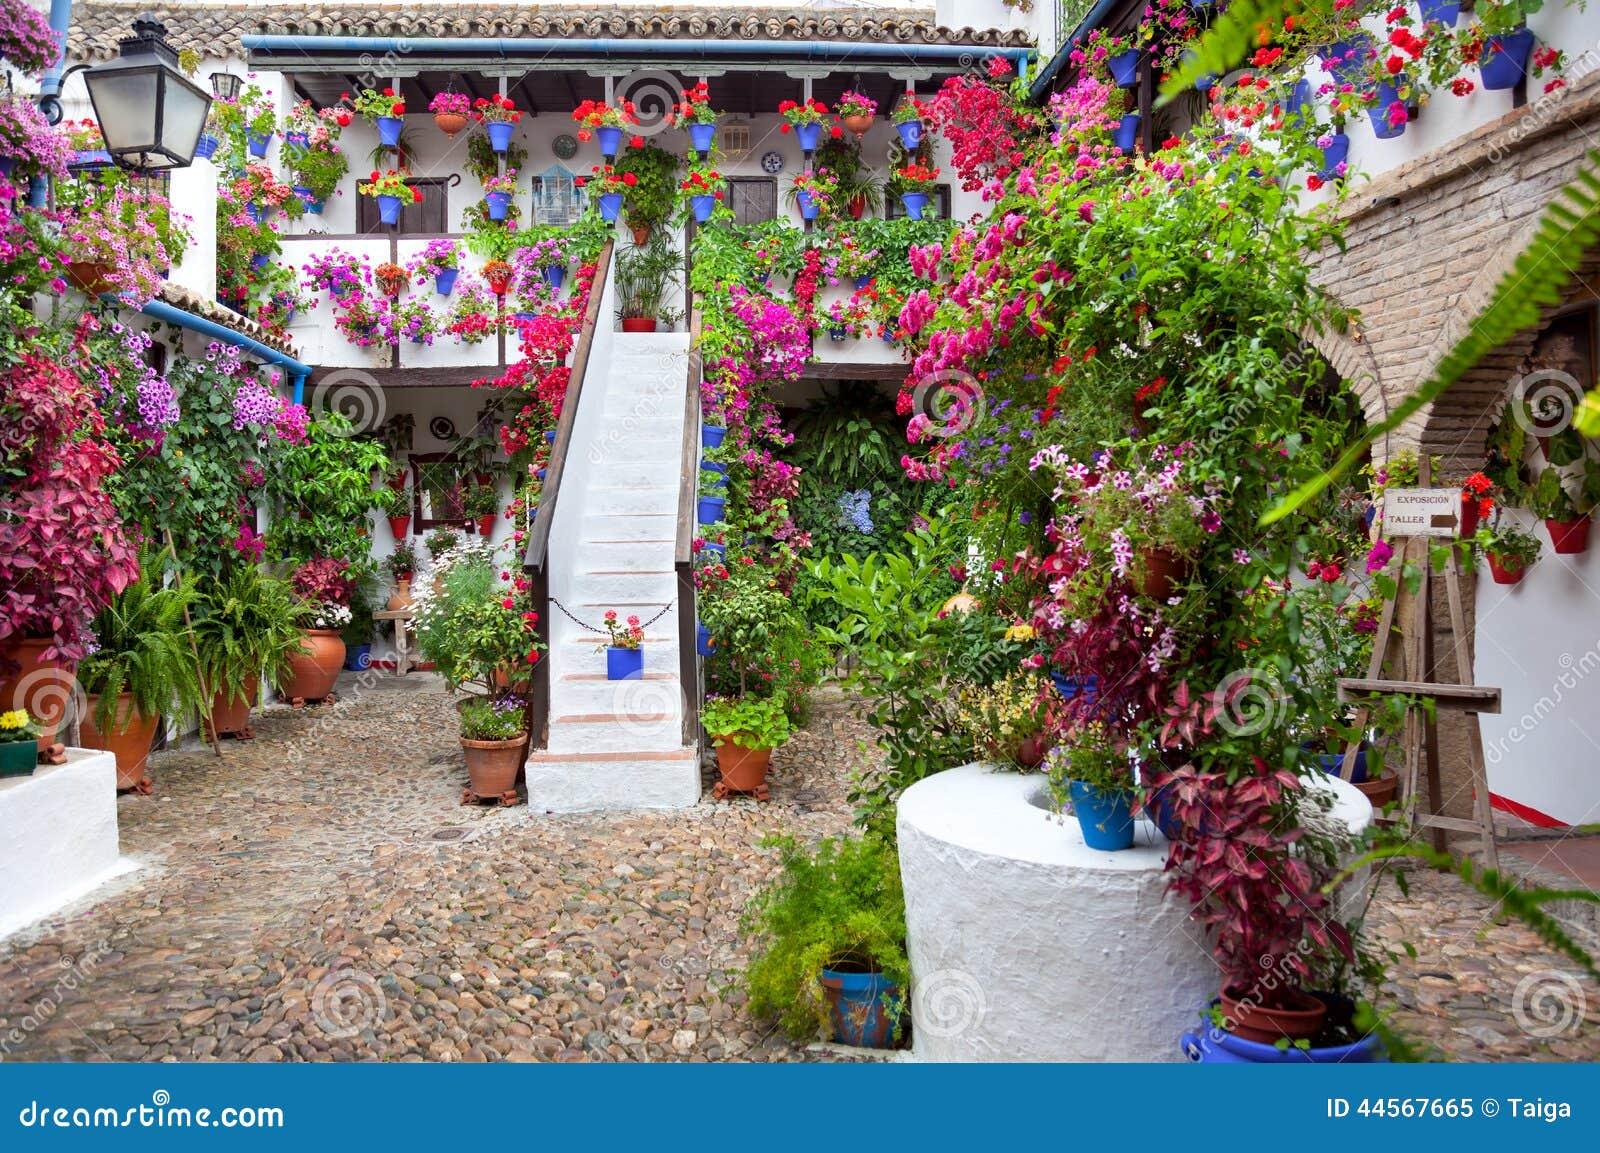 Bloemen in bloempot op de muren op straten van cordobf spanje redactionele afbeelding - Tuin decoratie buitenkant ...